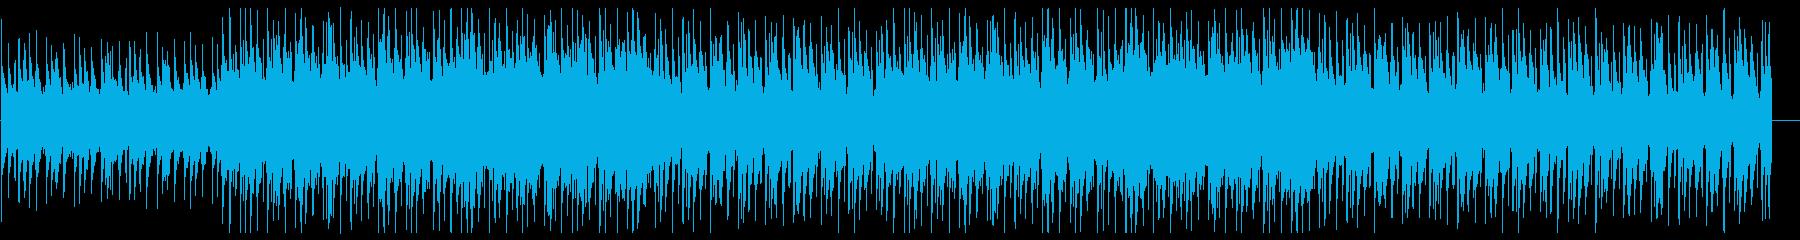 不思議な夜のLoFi HipHopの再生済みの波形